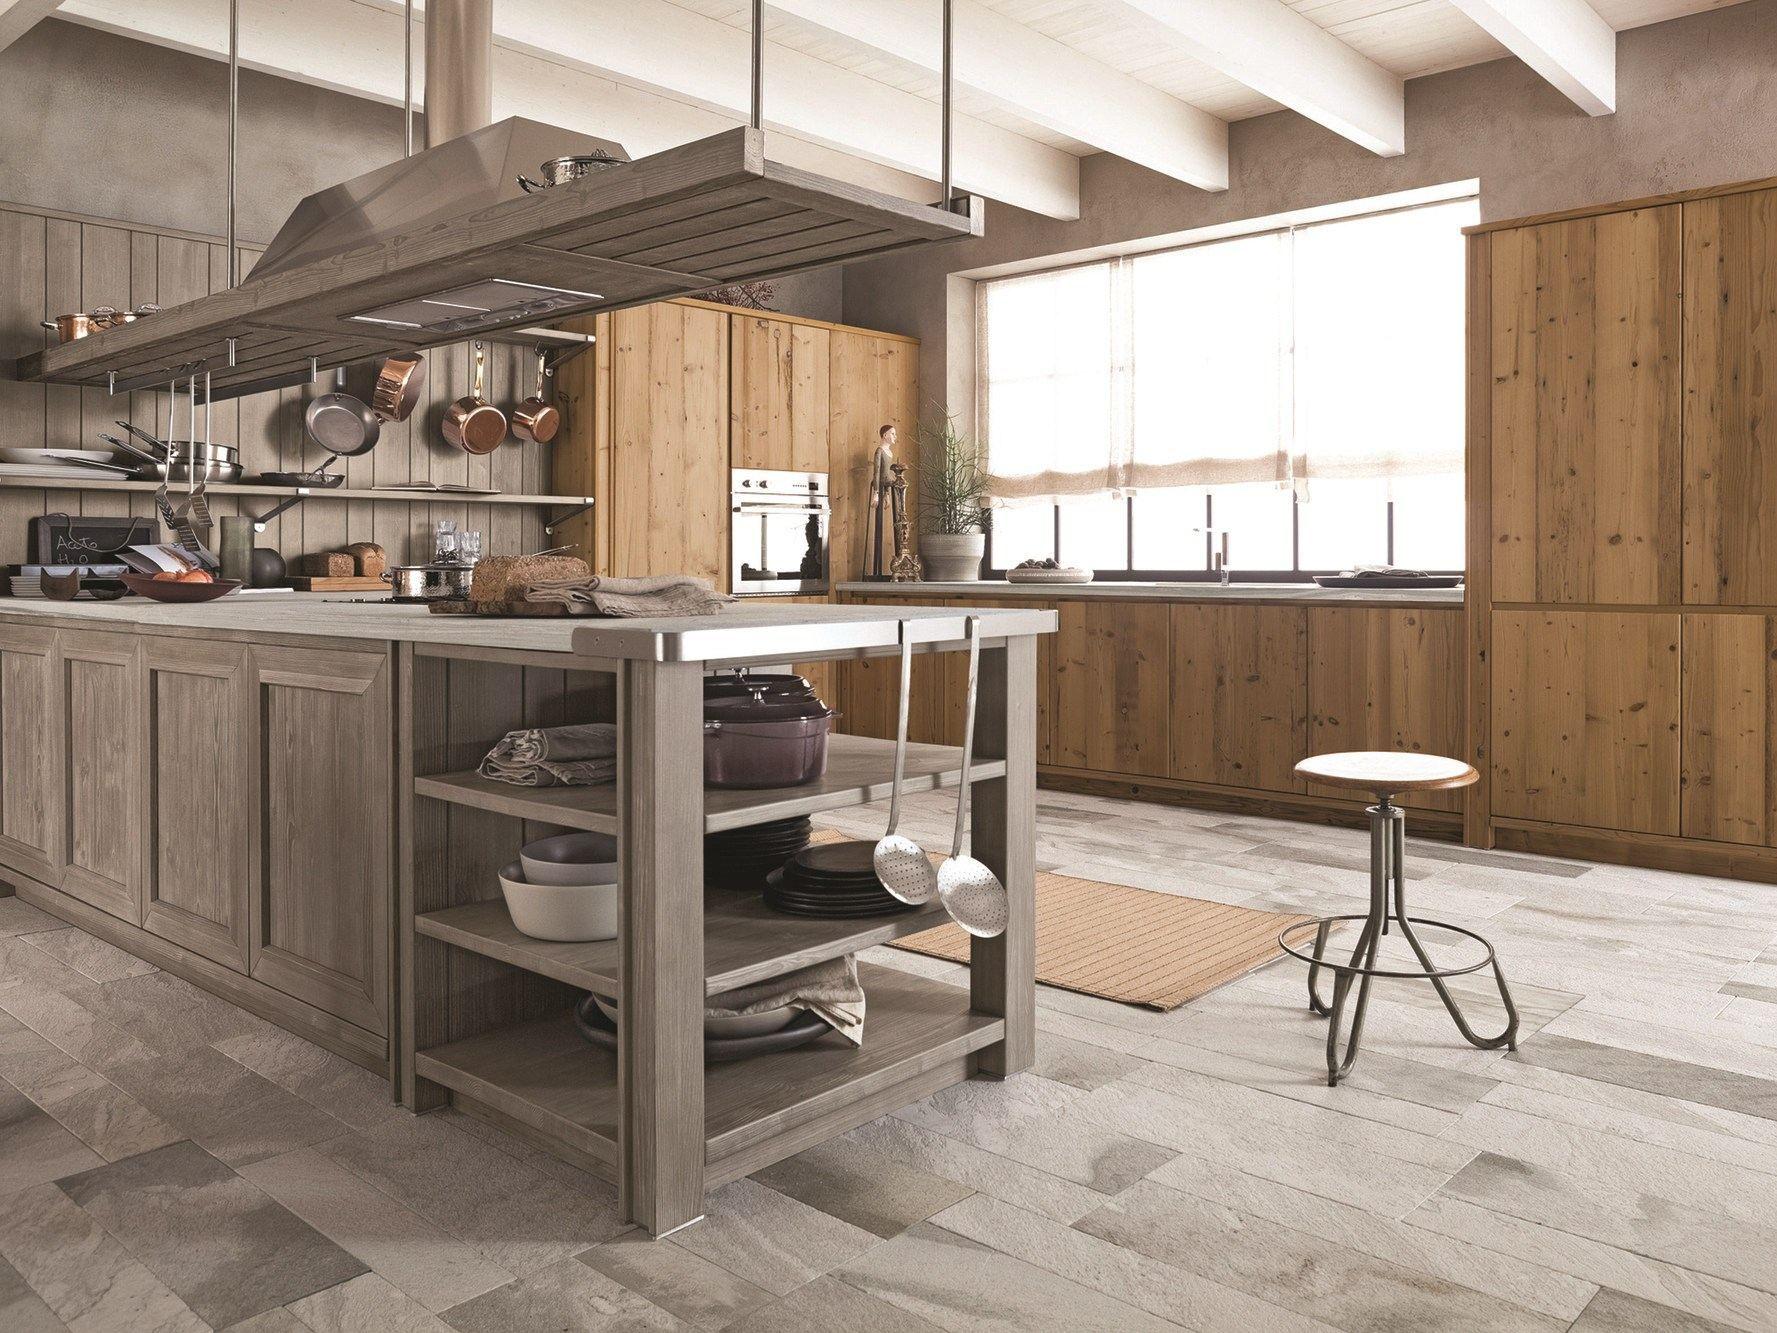 Mobili danesi ~ Mobili alf da frè arredamento soggiorno e arredamento casa